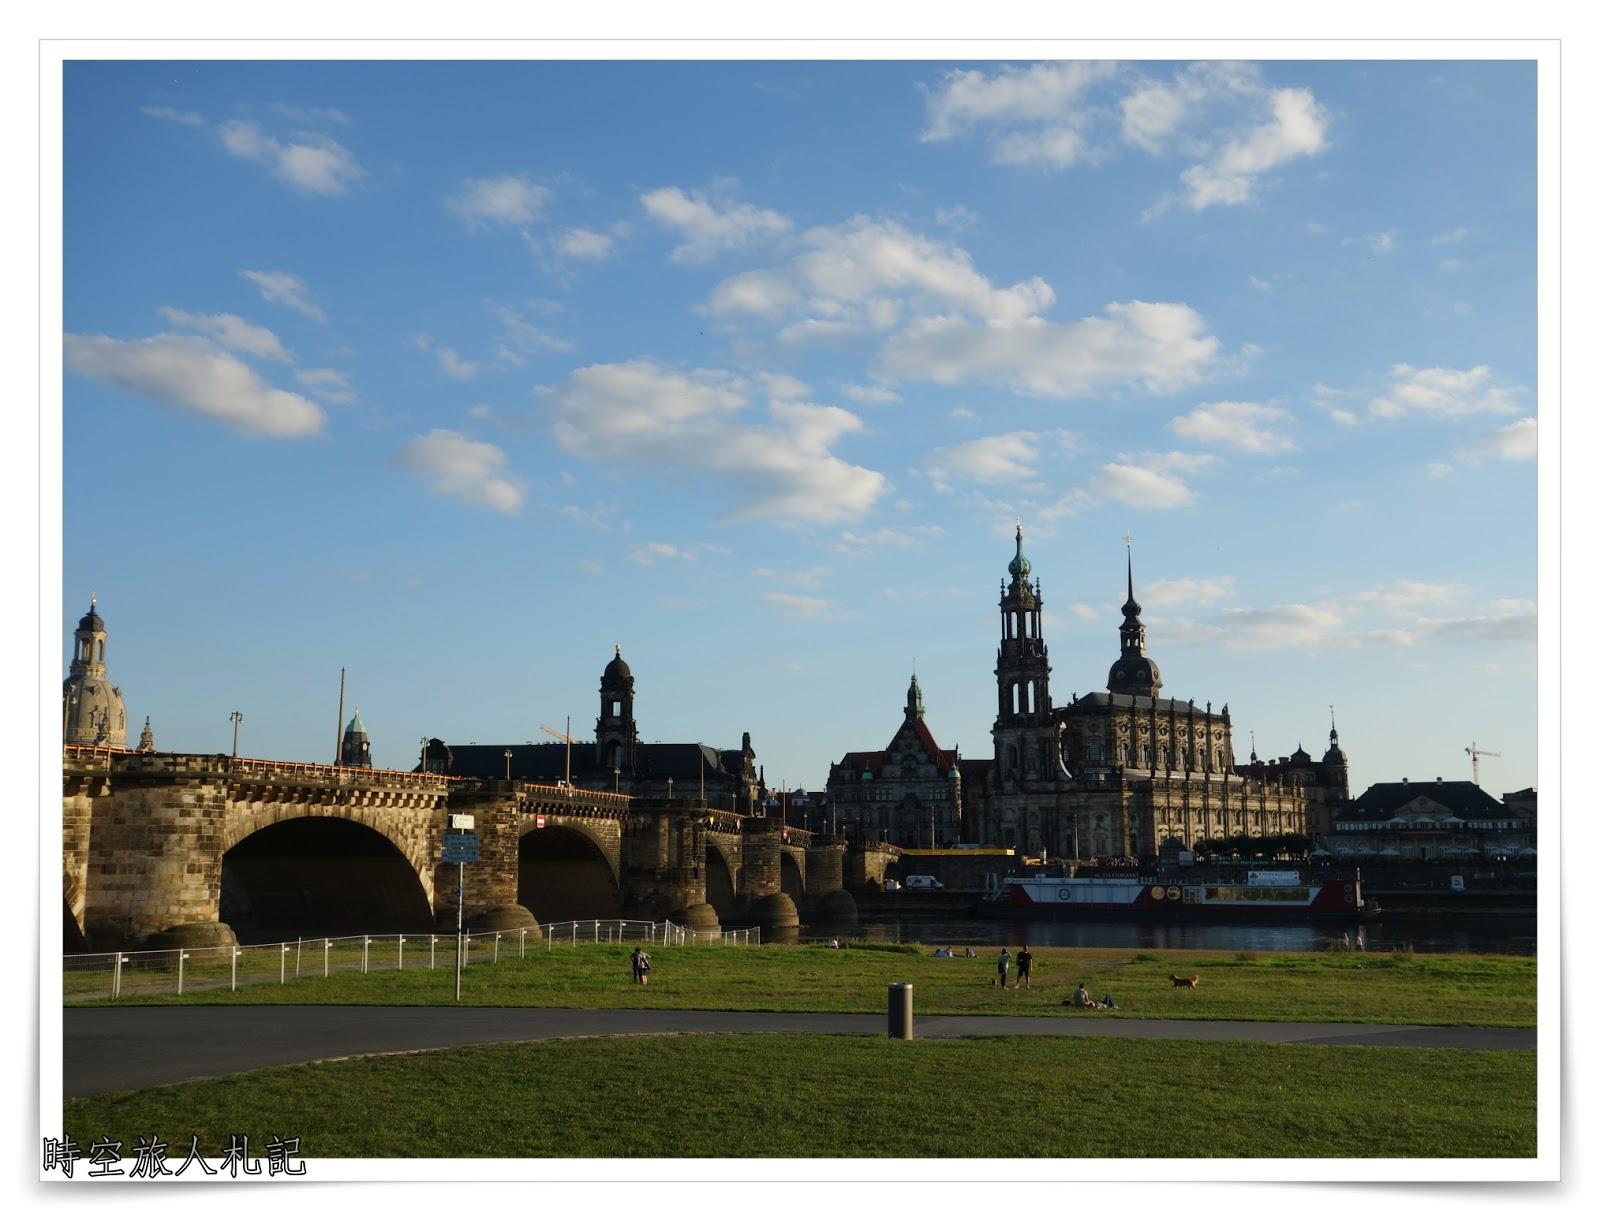 德勒斯登老城 (Dresden): 易北河上的佛羅倫斯